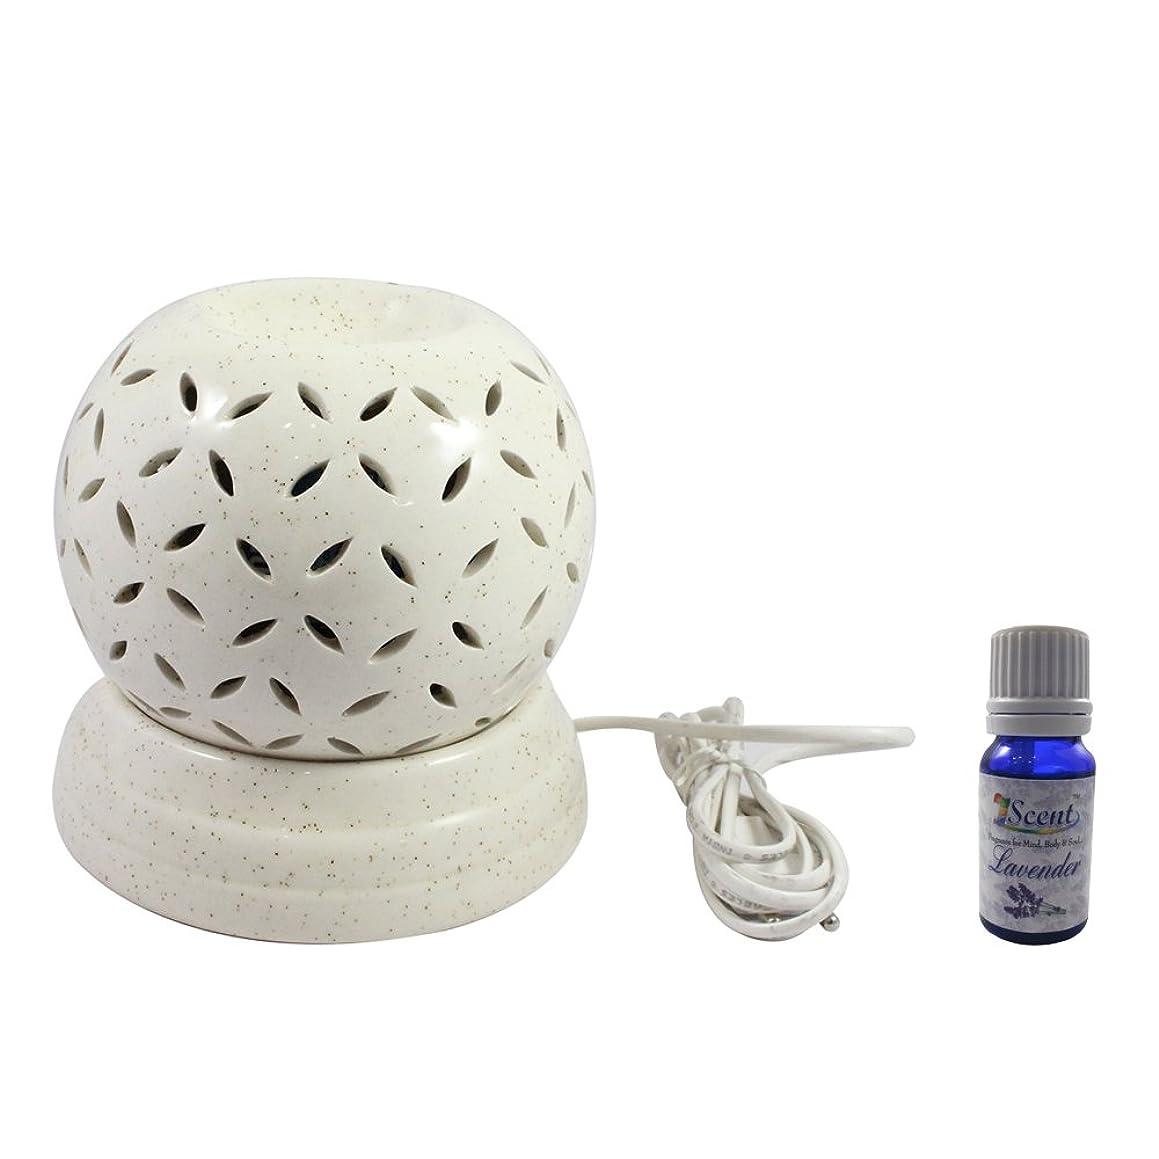 病気のあえて鍔家庭装飾定期的に使用する汚染されていない手作りセラミックエスニック電気アロマディフューザーオイルバーナージャスミンフレグランスオイル|良質白い色の電気アロマテラピー香油暖かい数量1